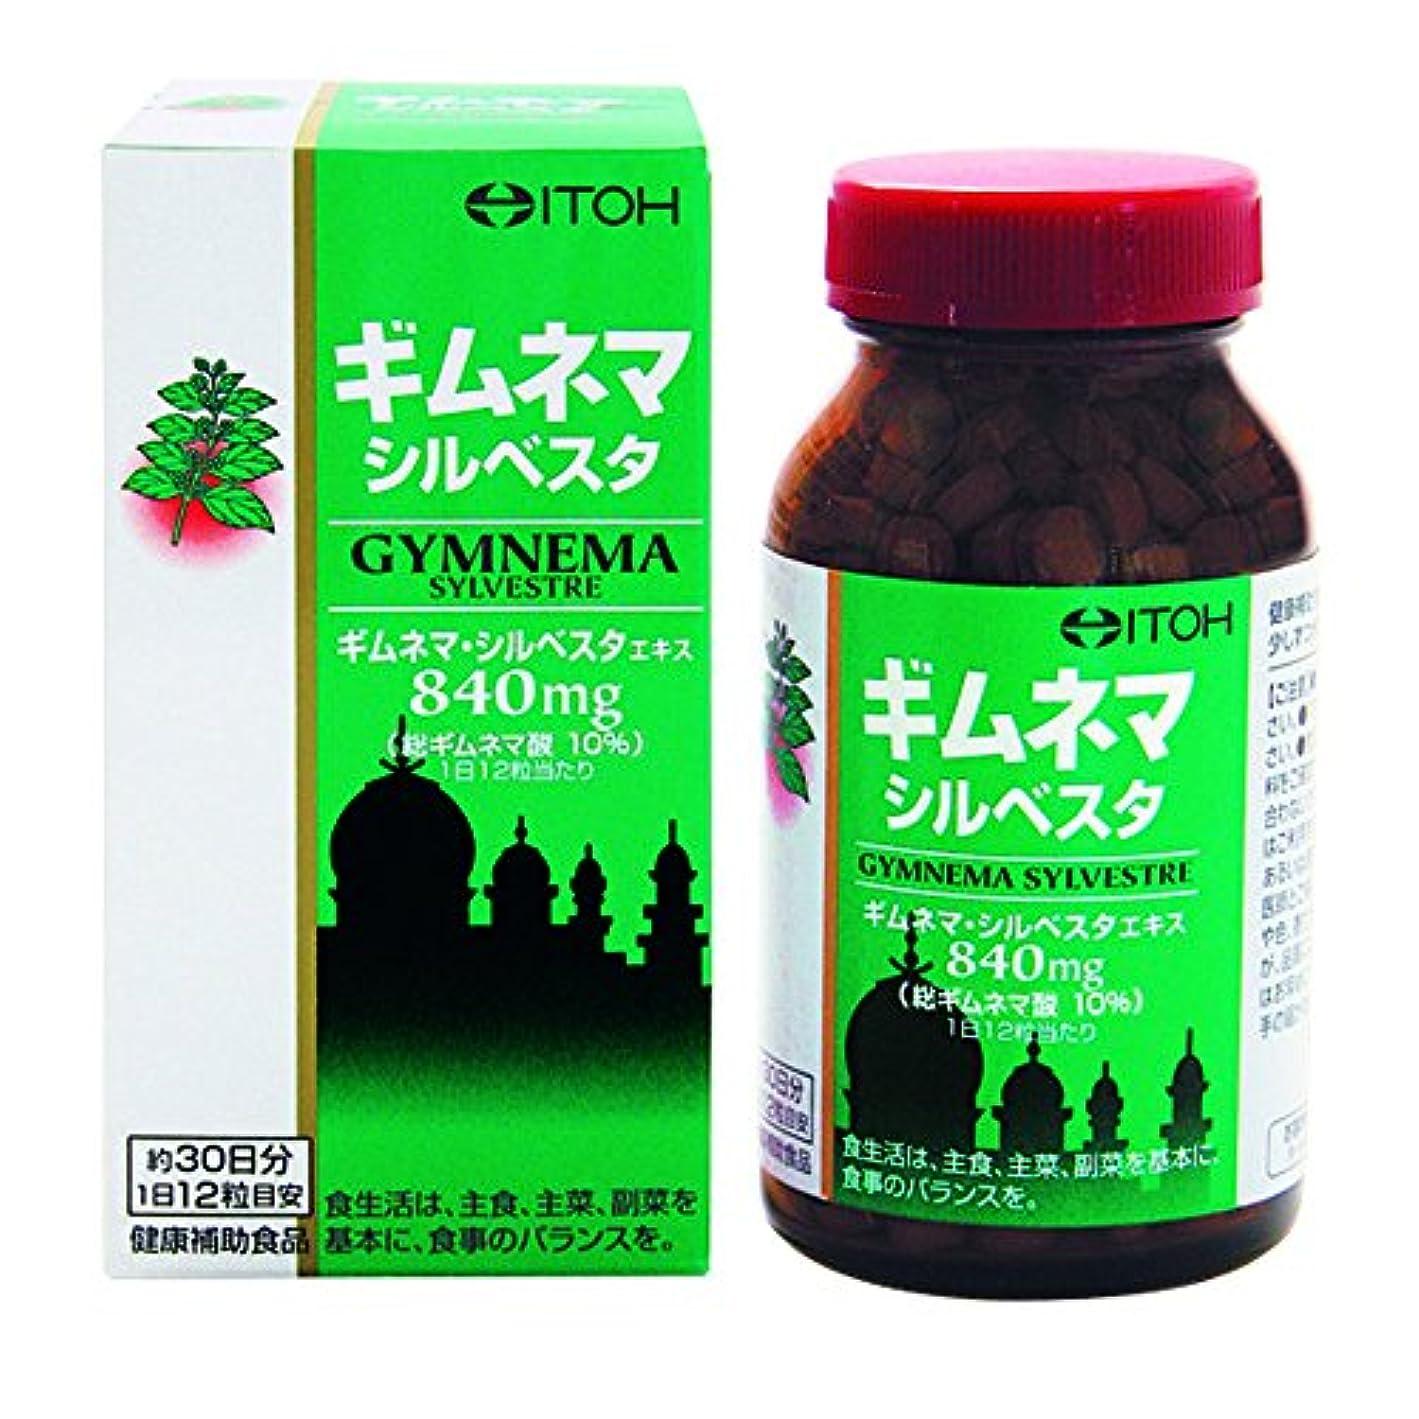 切り下げ篭保持井藤漢方製薬 ギムネマ・シルベスタ 約30日 250mgX360粒